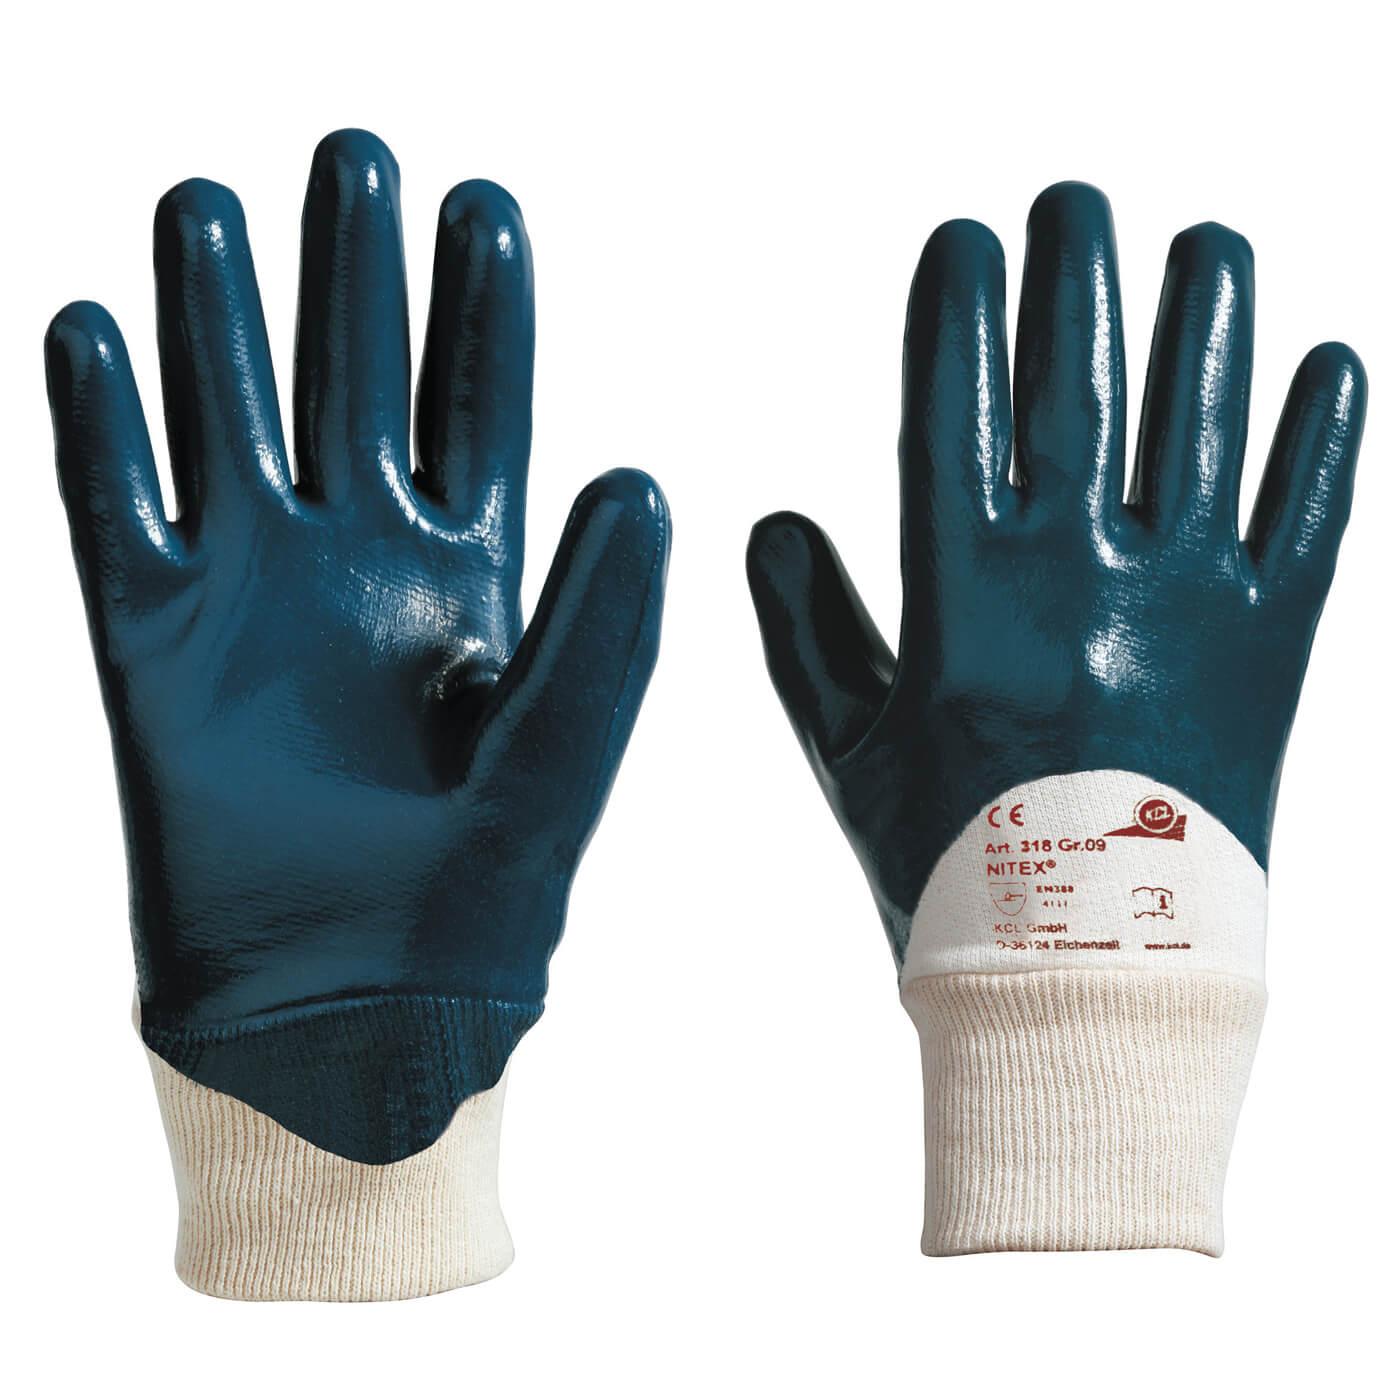 Rękawice mechaniczne KCL 318 NITEX